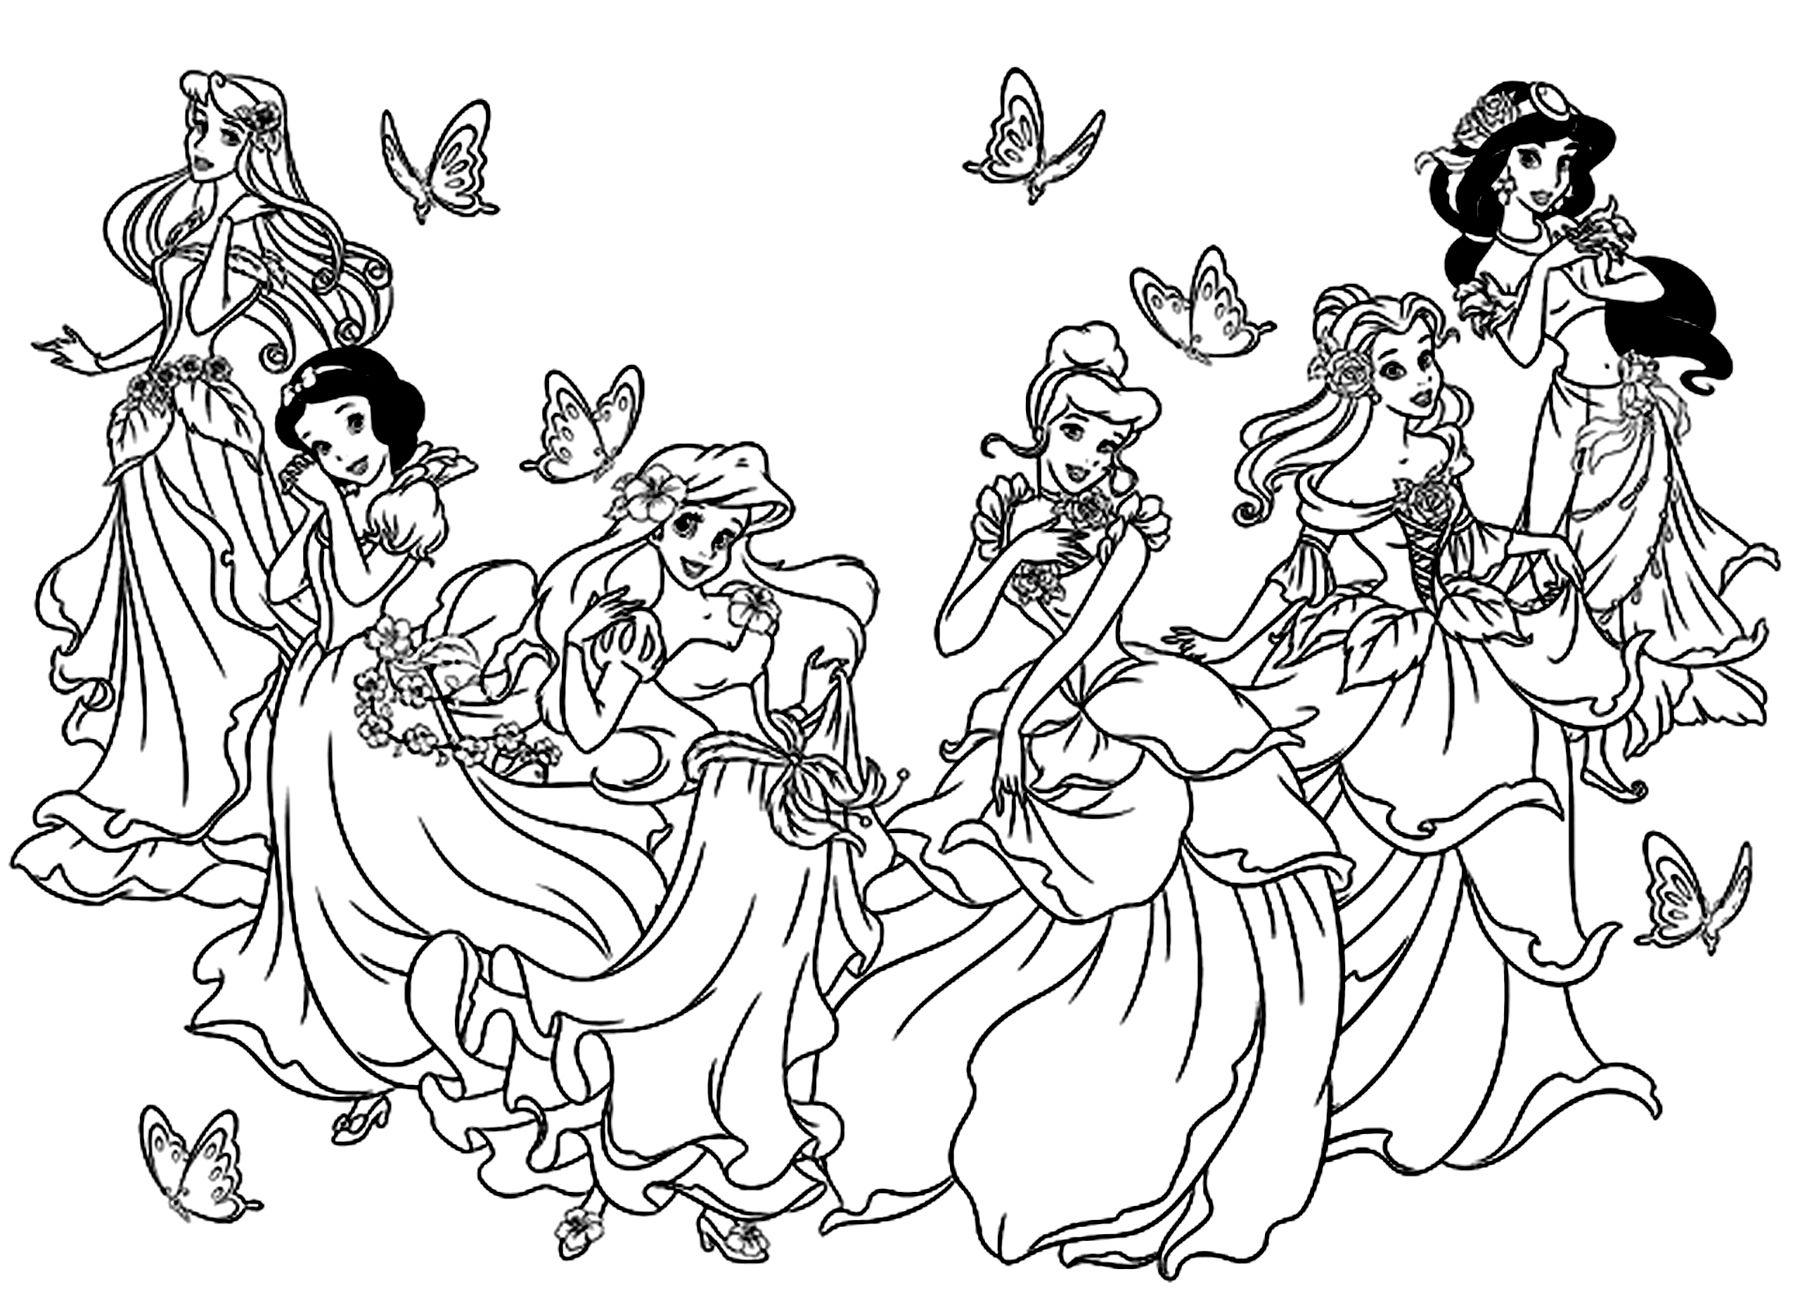 Toutes les princesses disney - Toutes les princesses disney